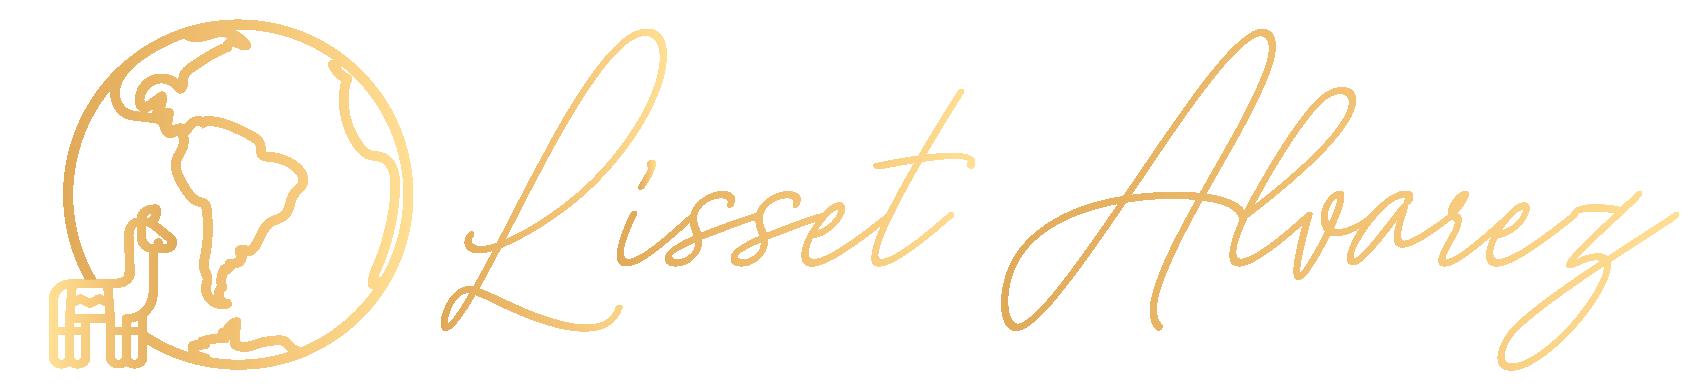 Lisset Alvarez